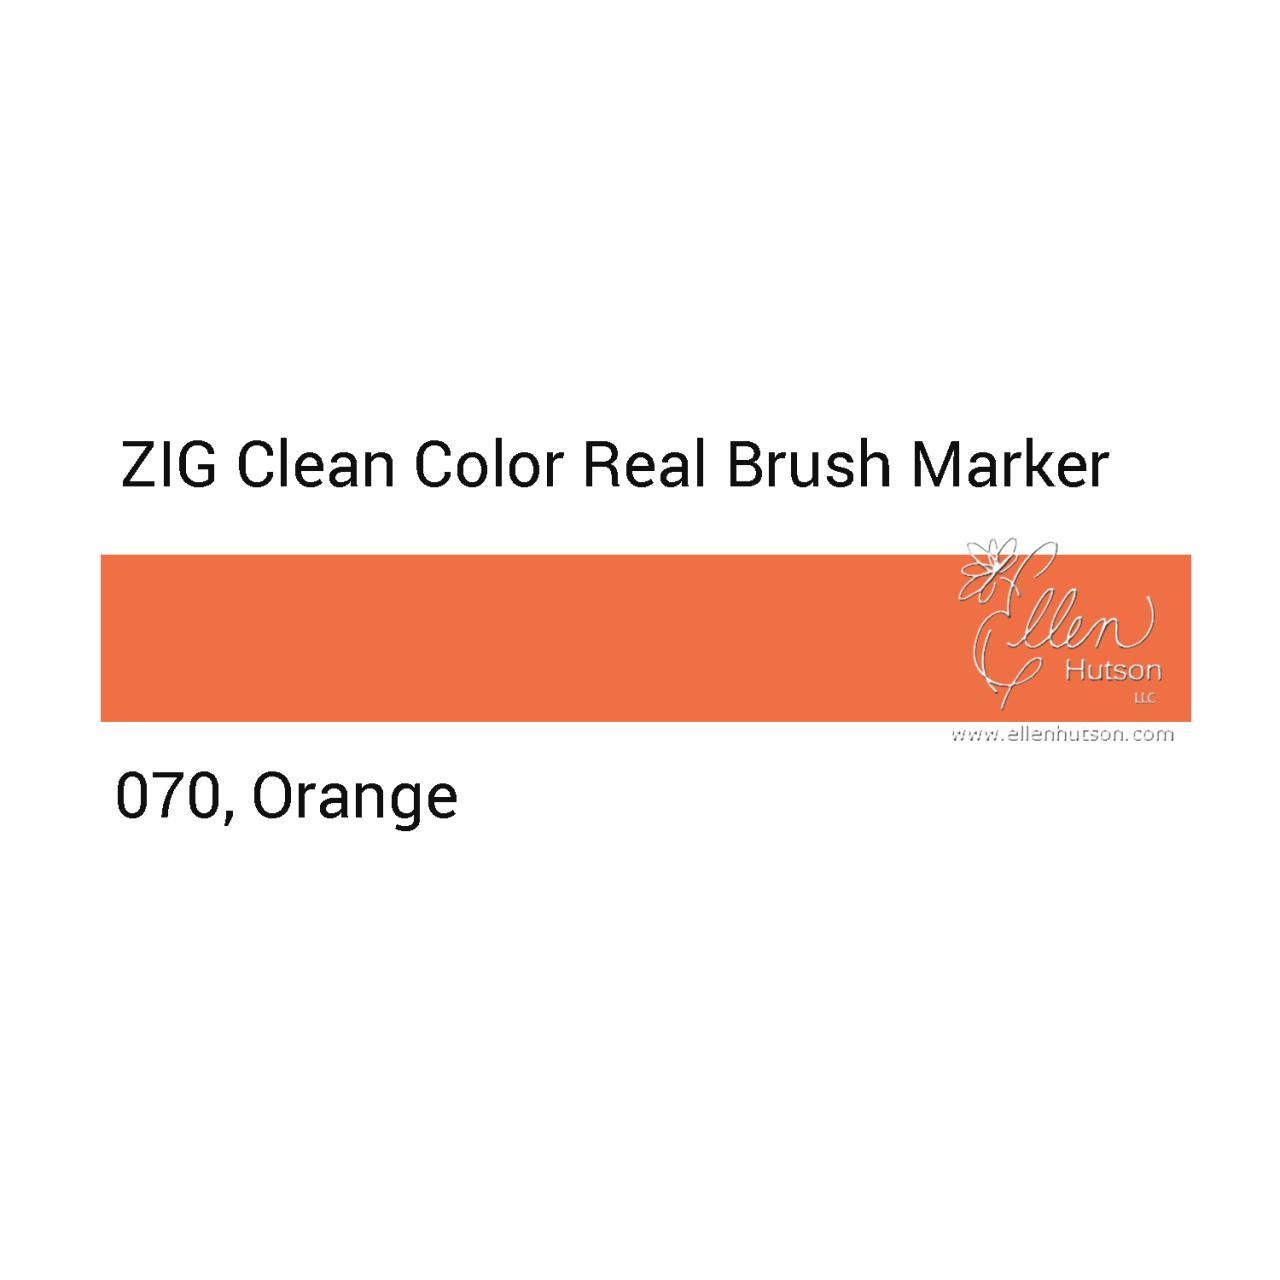 070 - Orange, ZIG Clean Color Real Brush Marker -